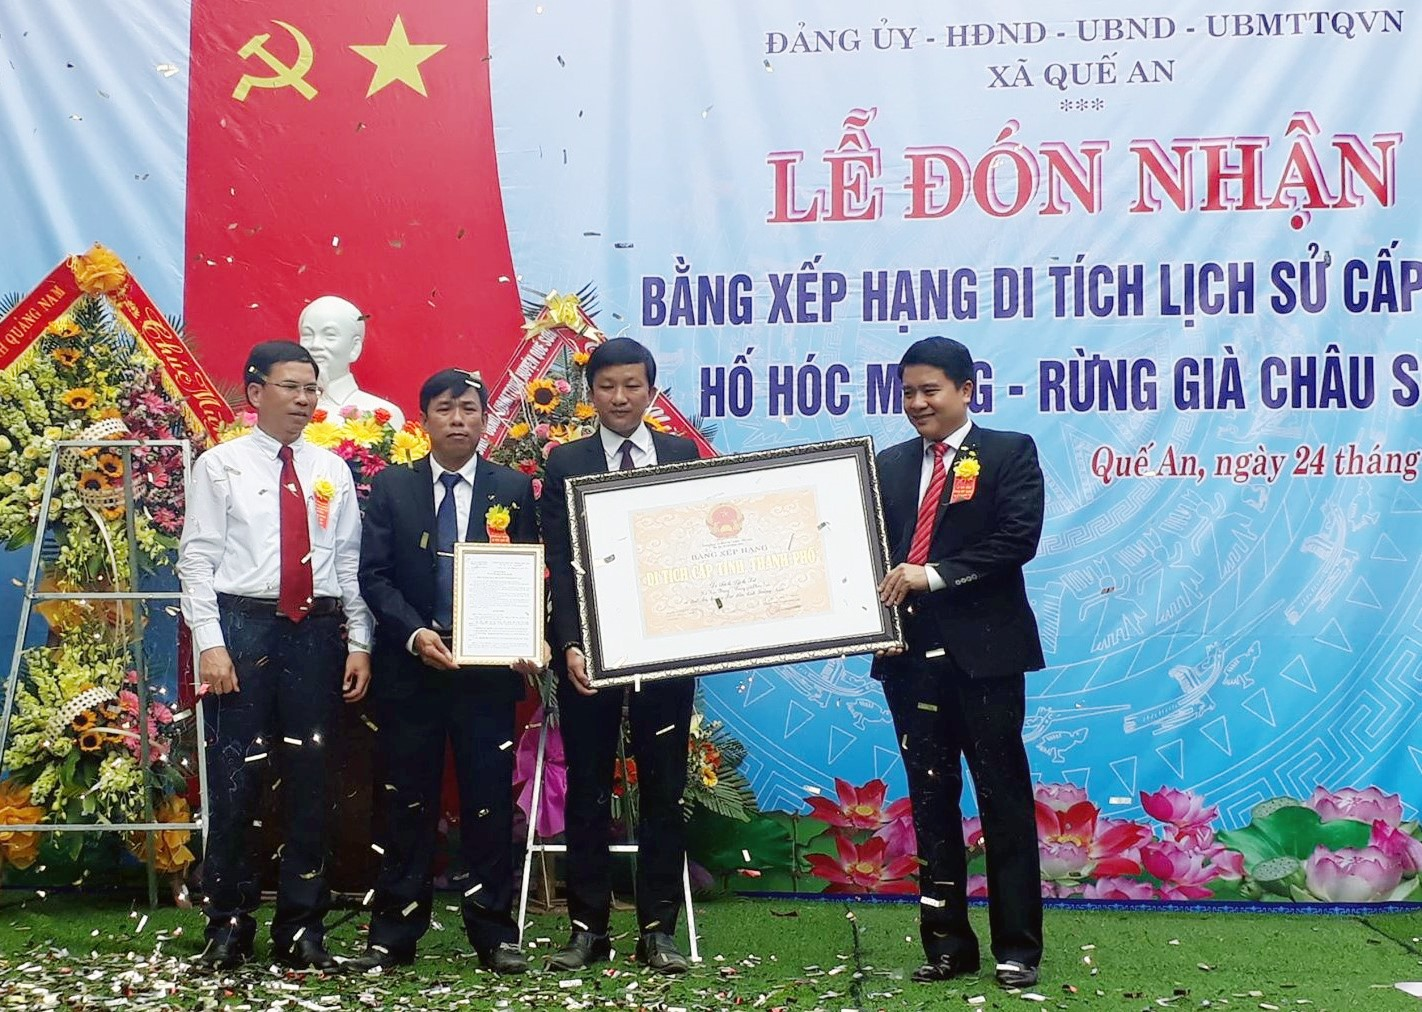 Phó Chủ tịch UBND tỉnh Trần Văn Tân (bên phải) trao bằng chứng nhận di tích lịch sử cấp tỉnh đối với hố Hóc Mạng - rừng già Châu Sơn cho lãnh đạo xã Quế An (Quế Sơn). Ảnh: T.L